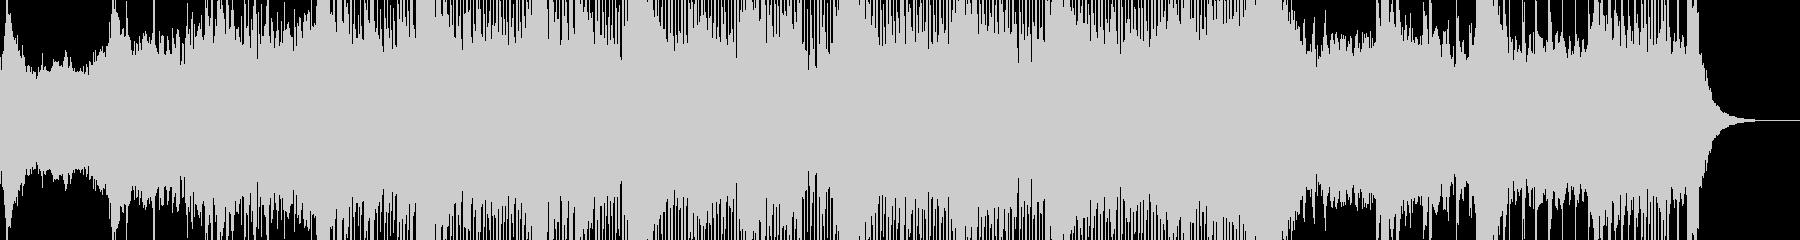 アナログなエレクトロの未再生の波形